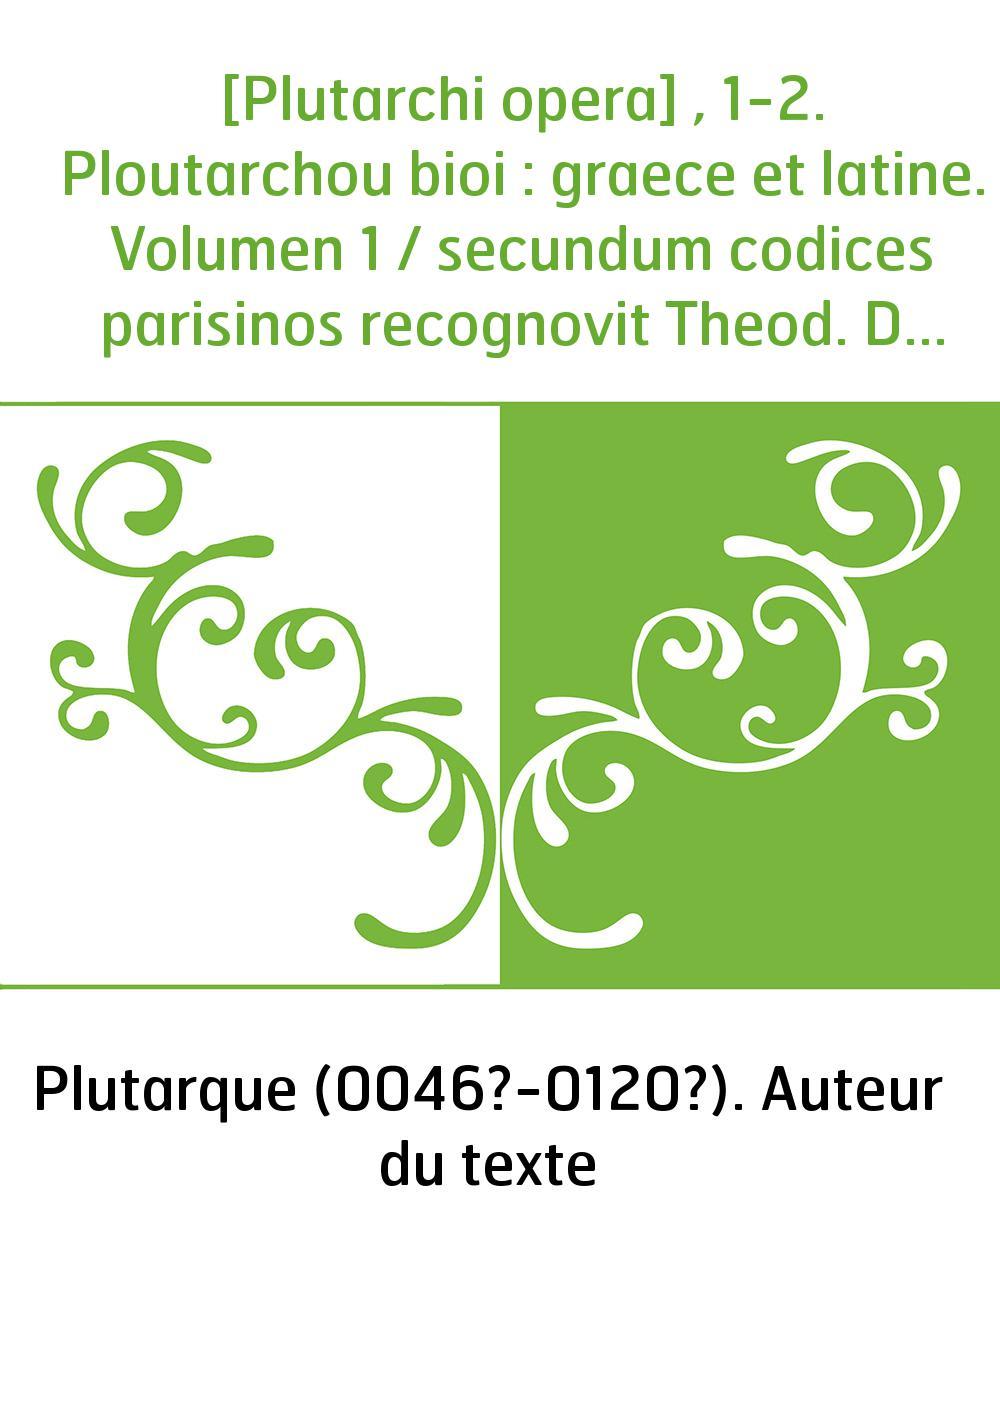 [Plutarchi opera] , 1-2. Ploutarchou bioi : graece et latine. Volumen 1 / secundum codices parisinos recognovit Theod. Doehner